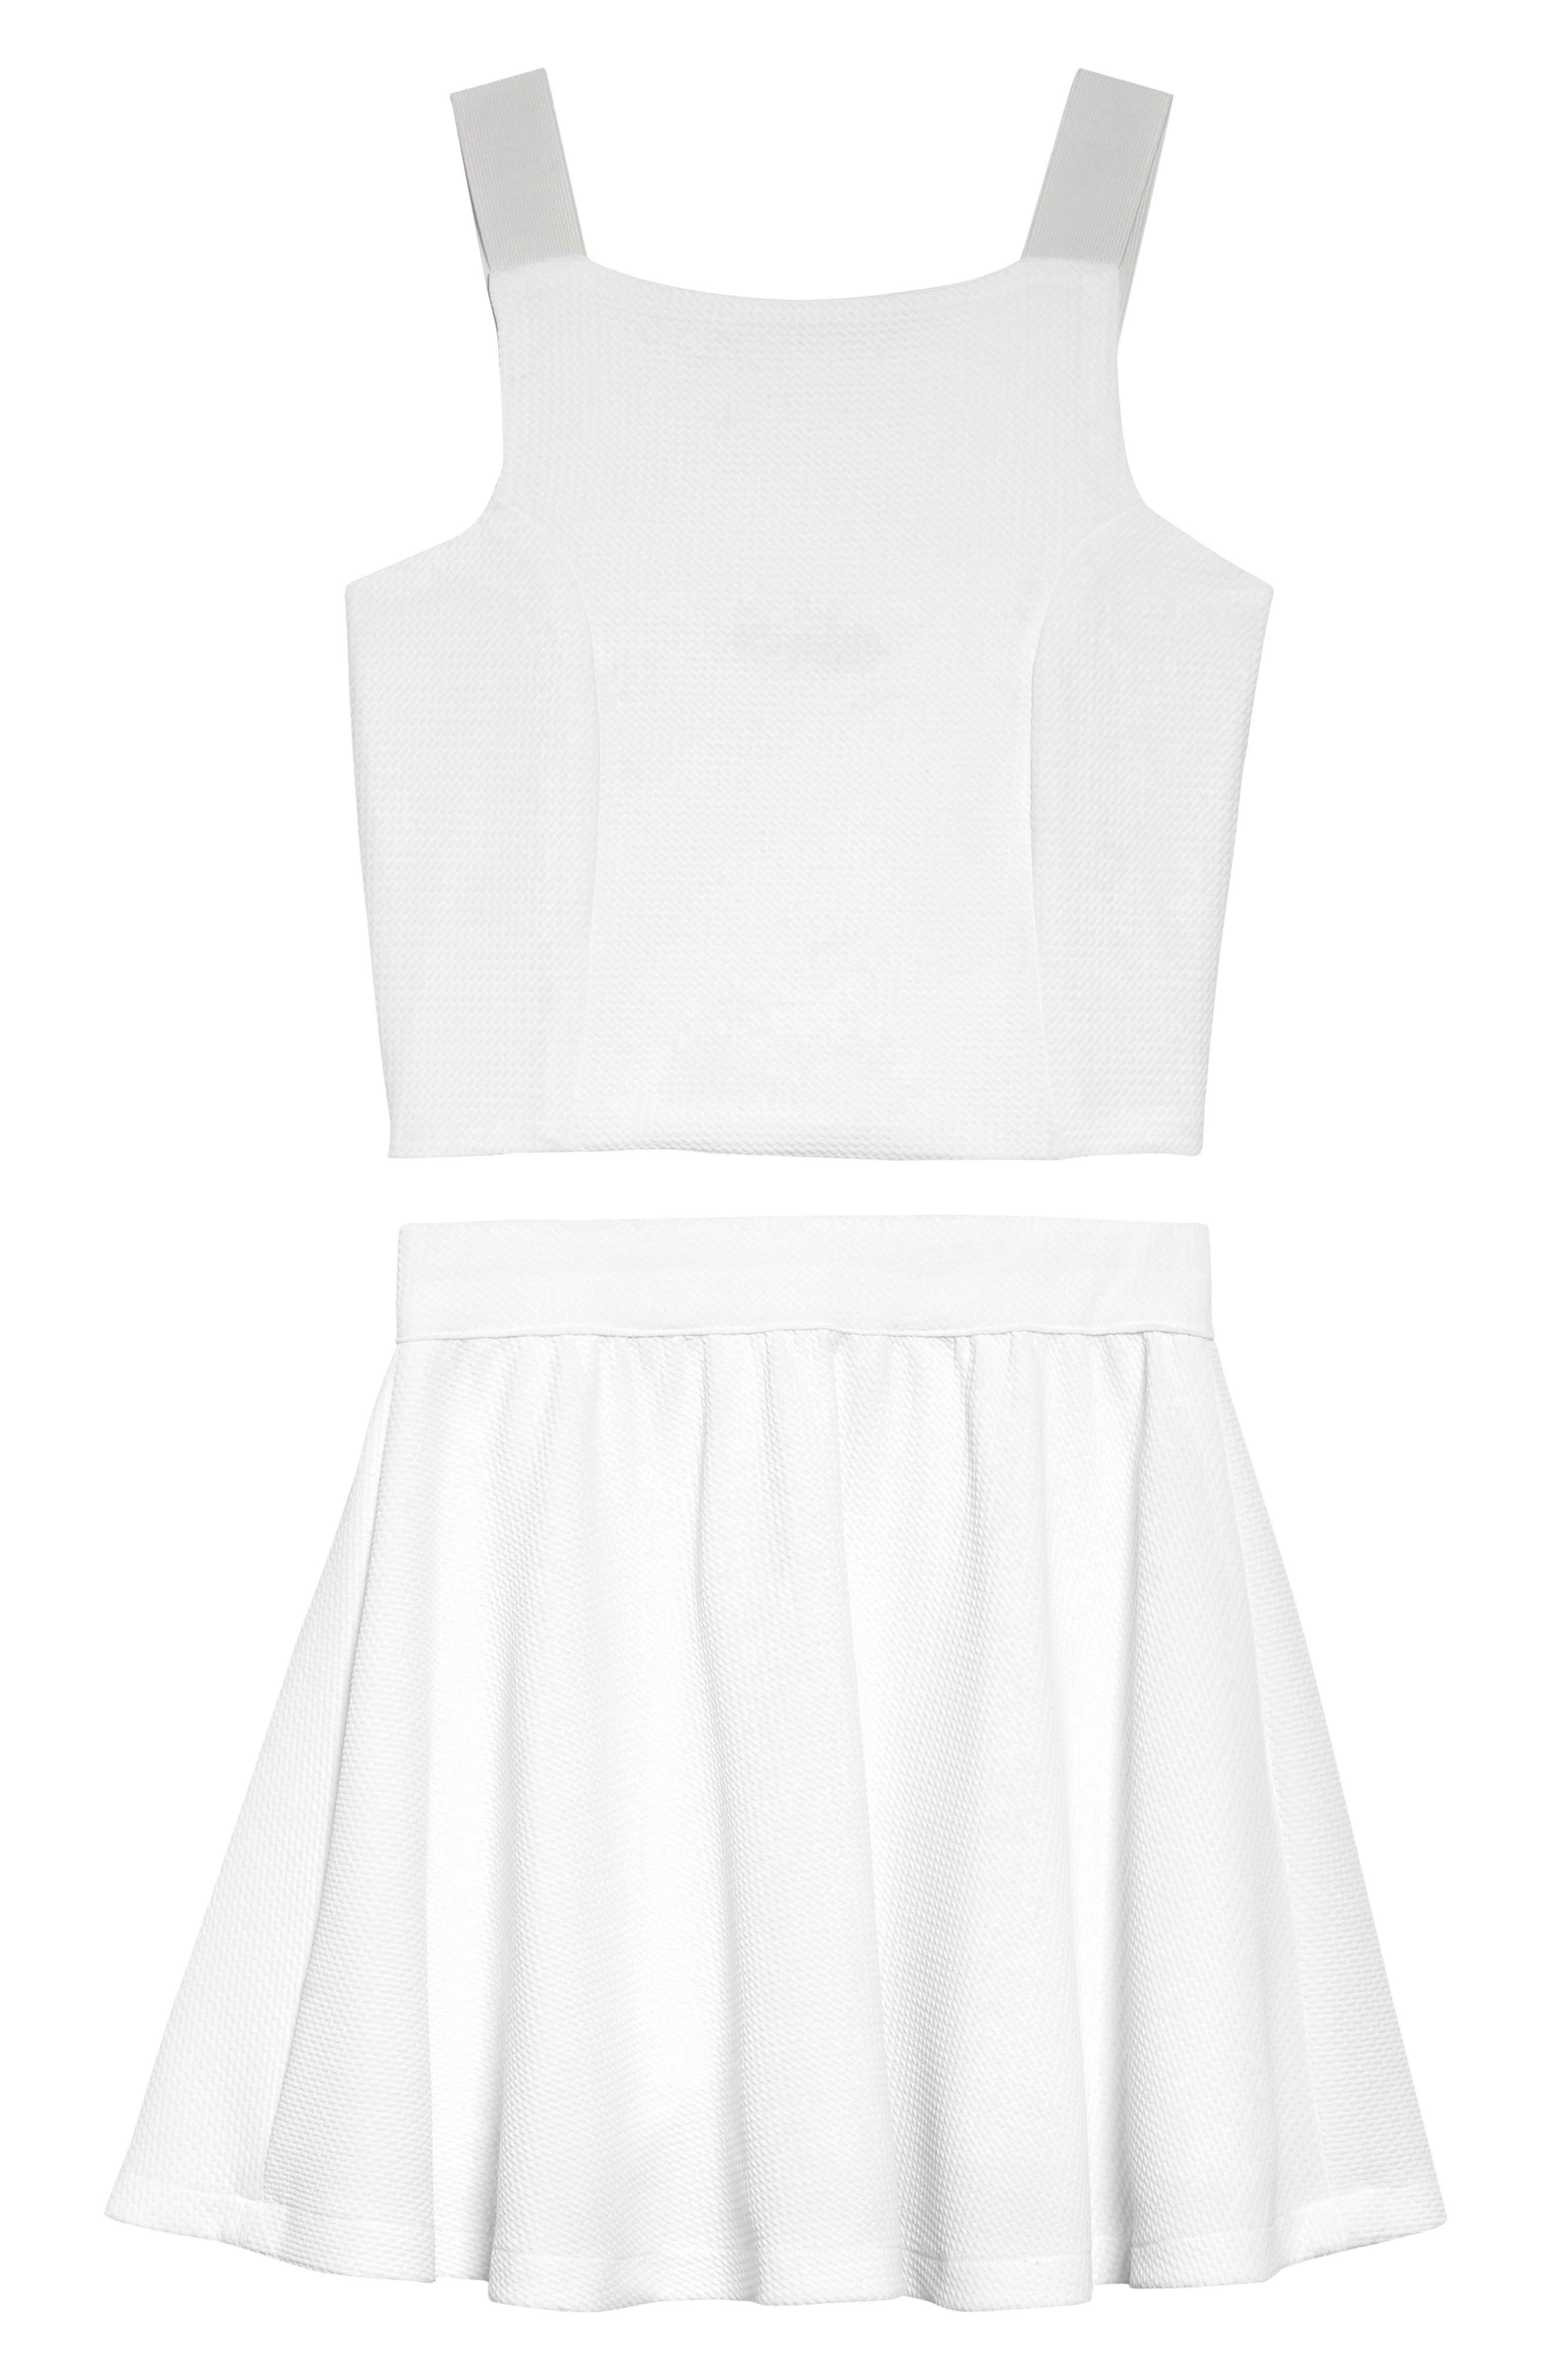 Stella M'Lia Two-Piece Dress,                             Main thumbnail 1, color,                             WHITE